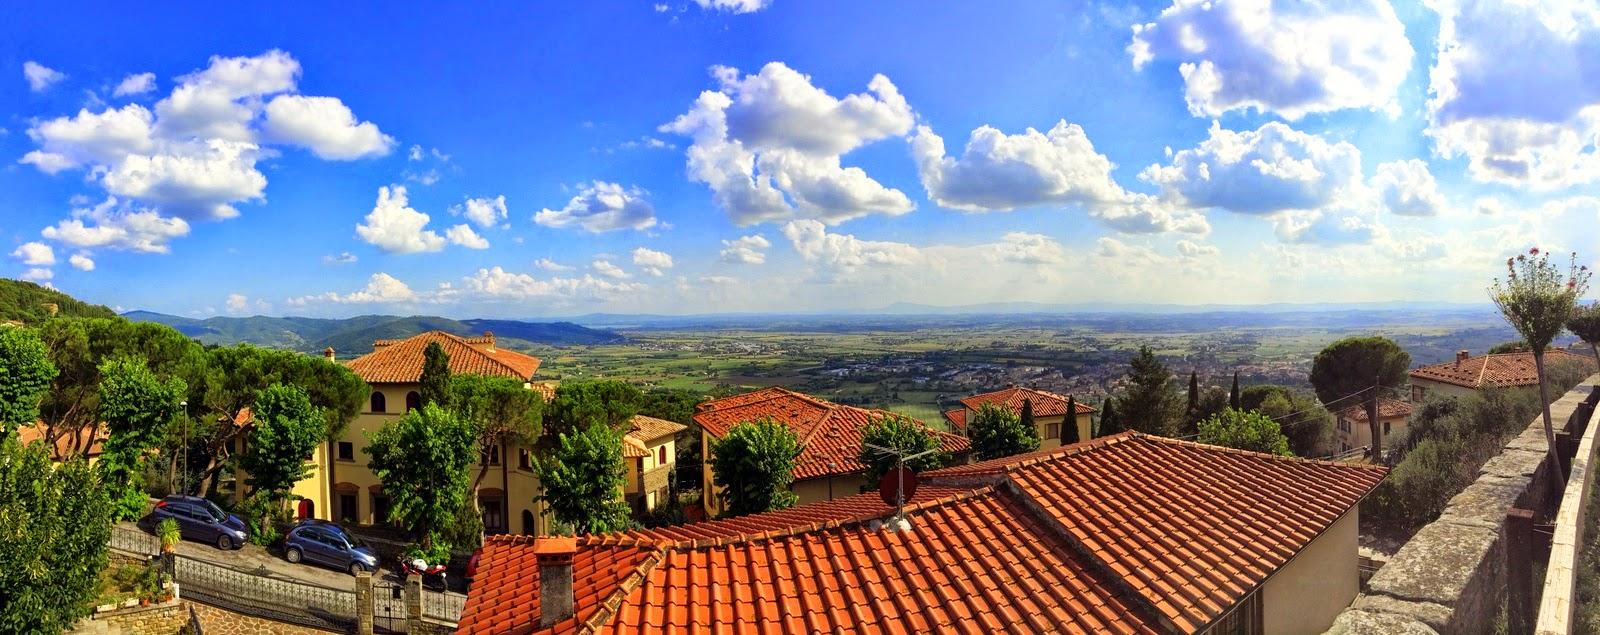 cycling tuscany cortona